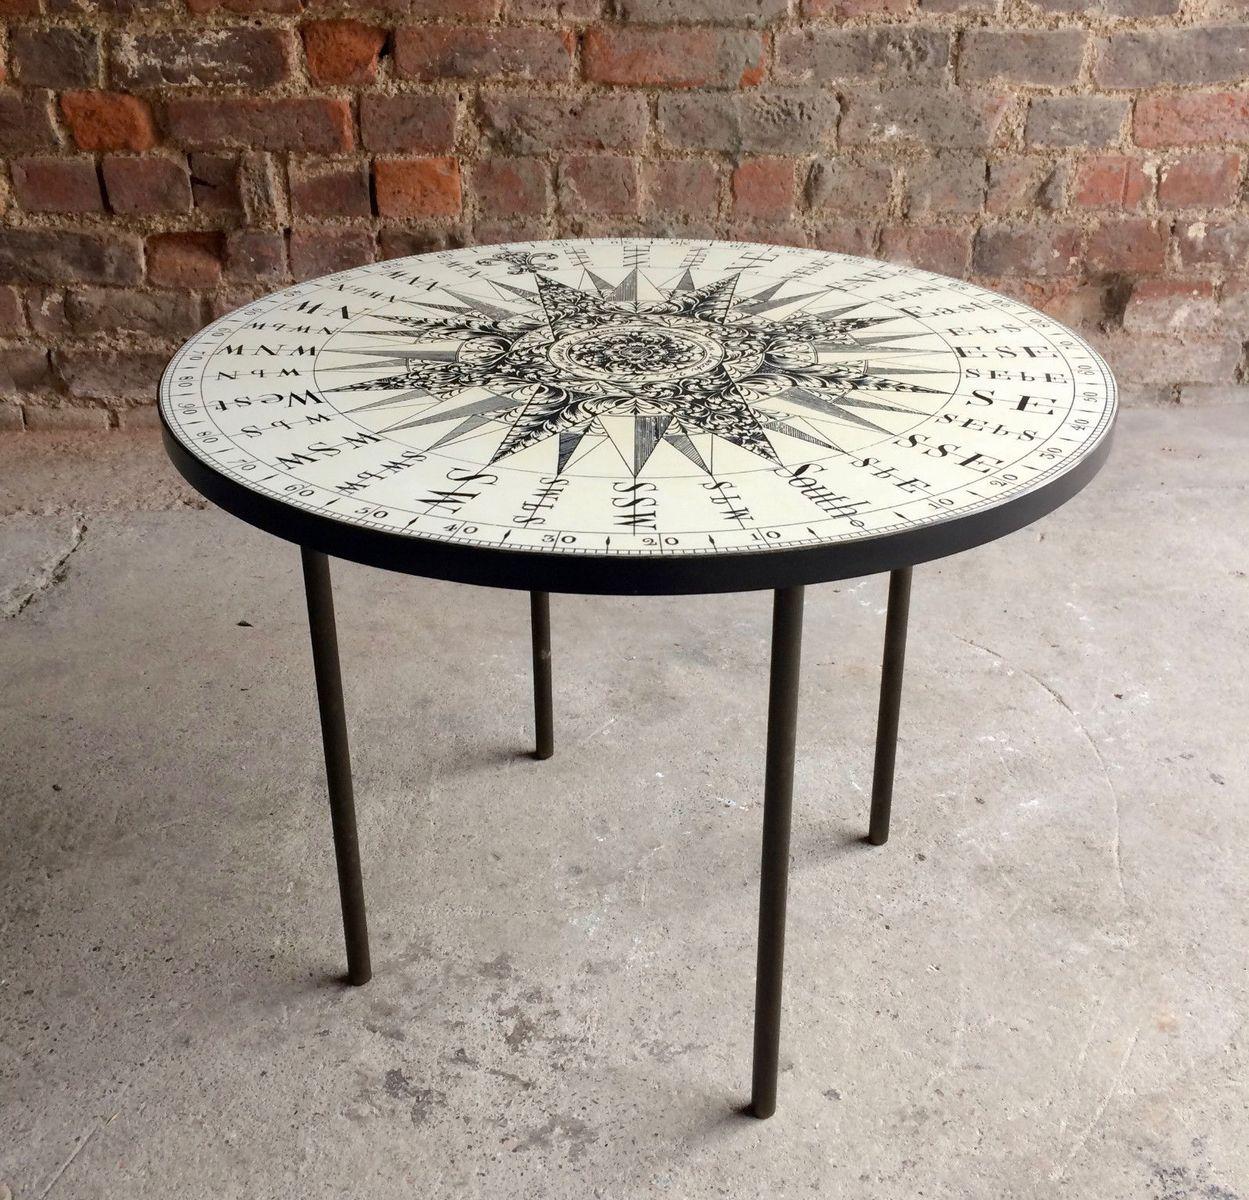 runder mid century beistelltisch mit kompass tischplatte bei pamono kaufen. Black Bedroom Furniture Sets. Home Design Ideas